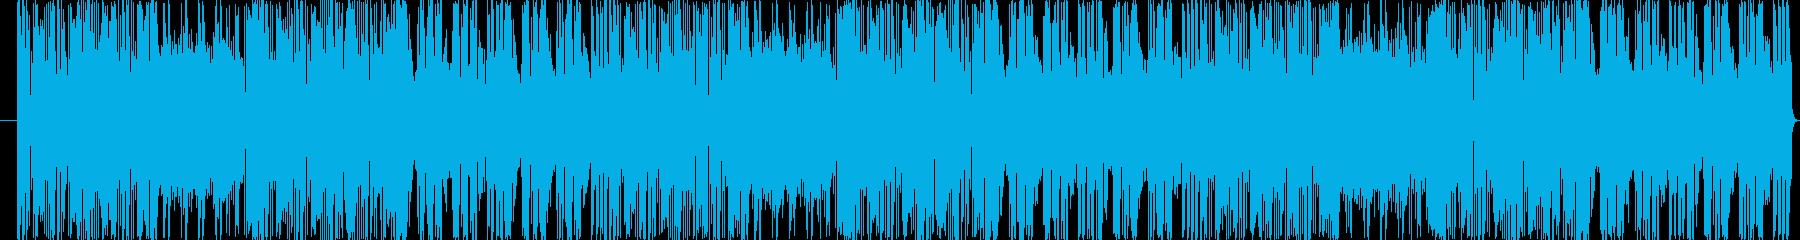 チャイニーズ風。幻想的でスリリングの再生済みの波形